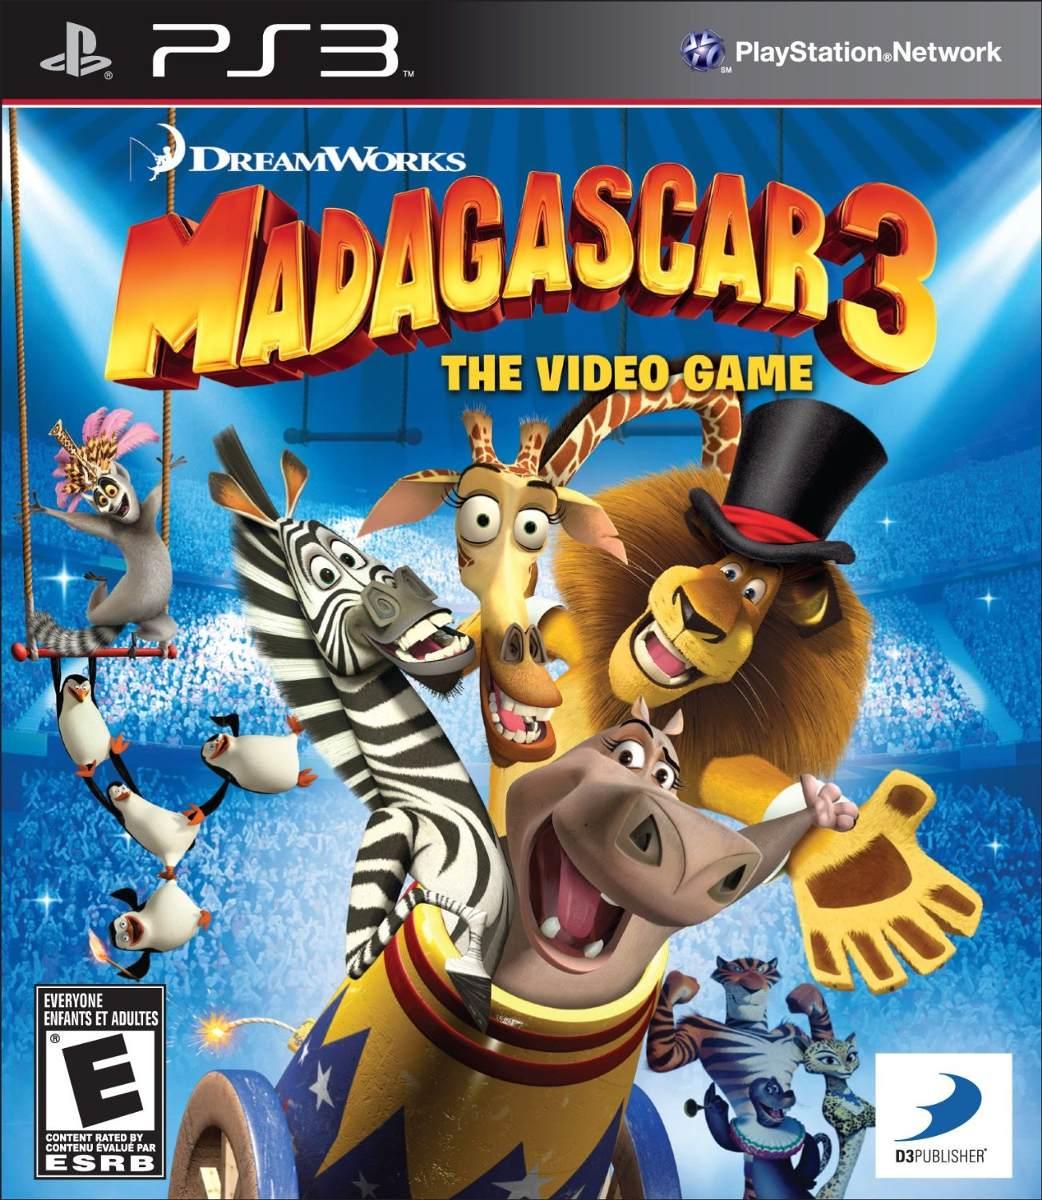 MAGADASCAR 3